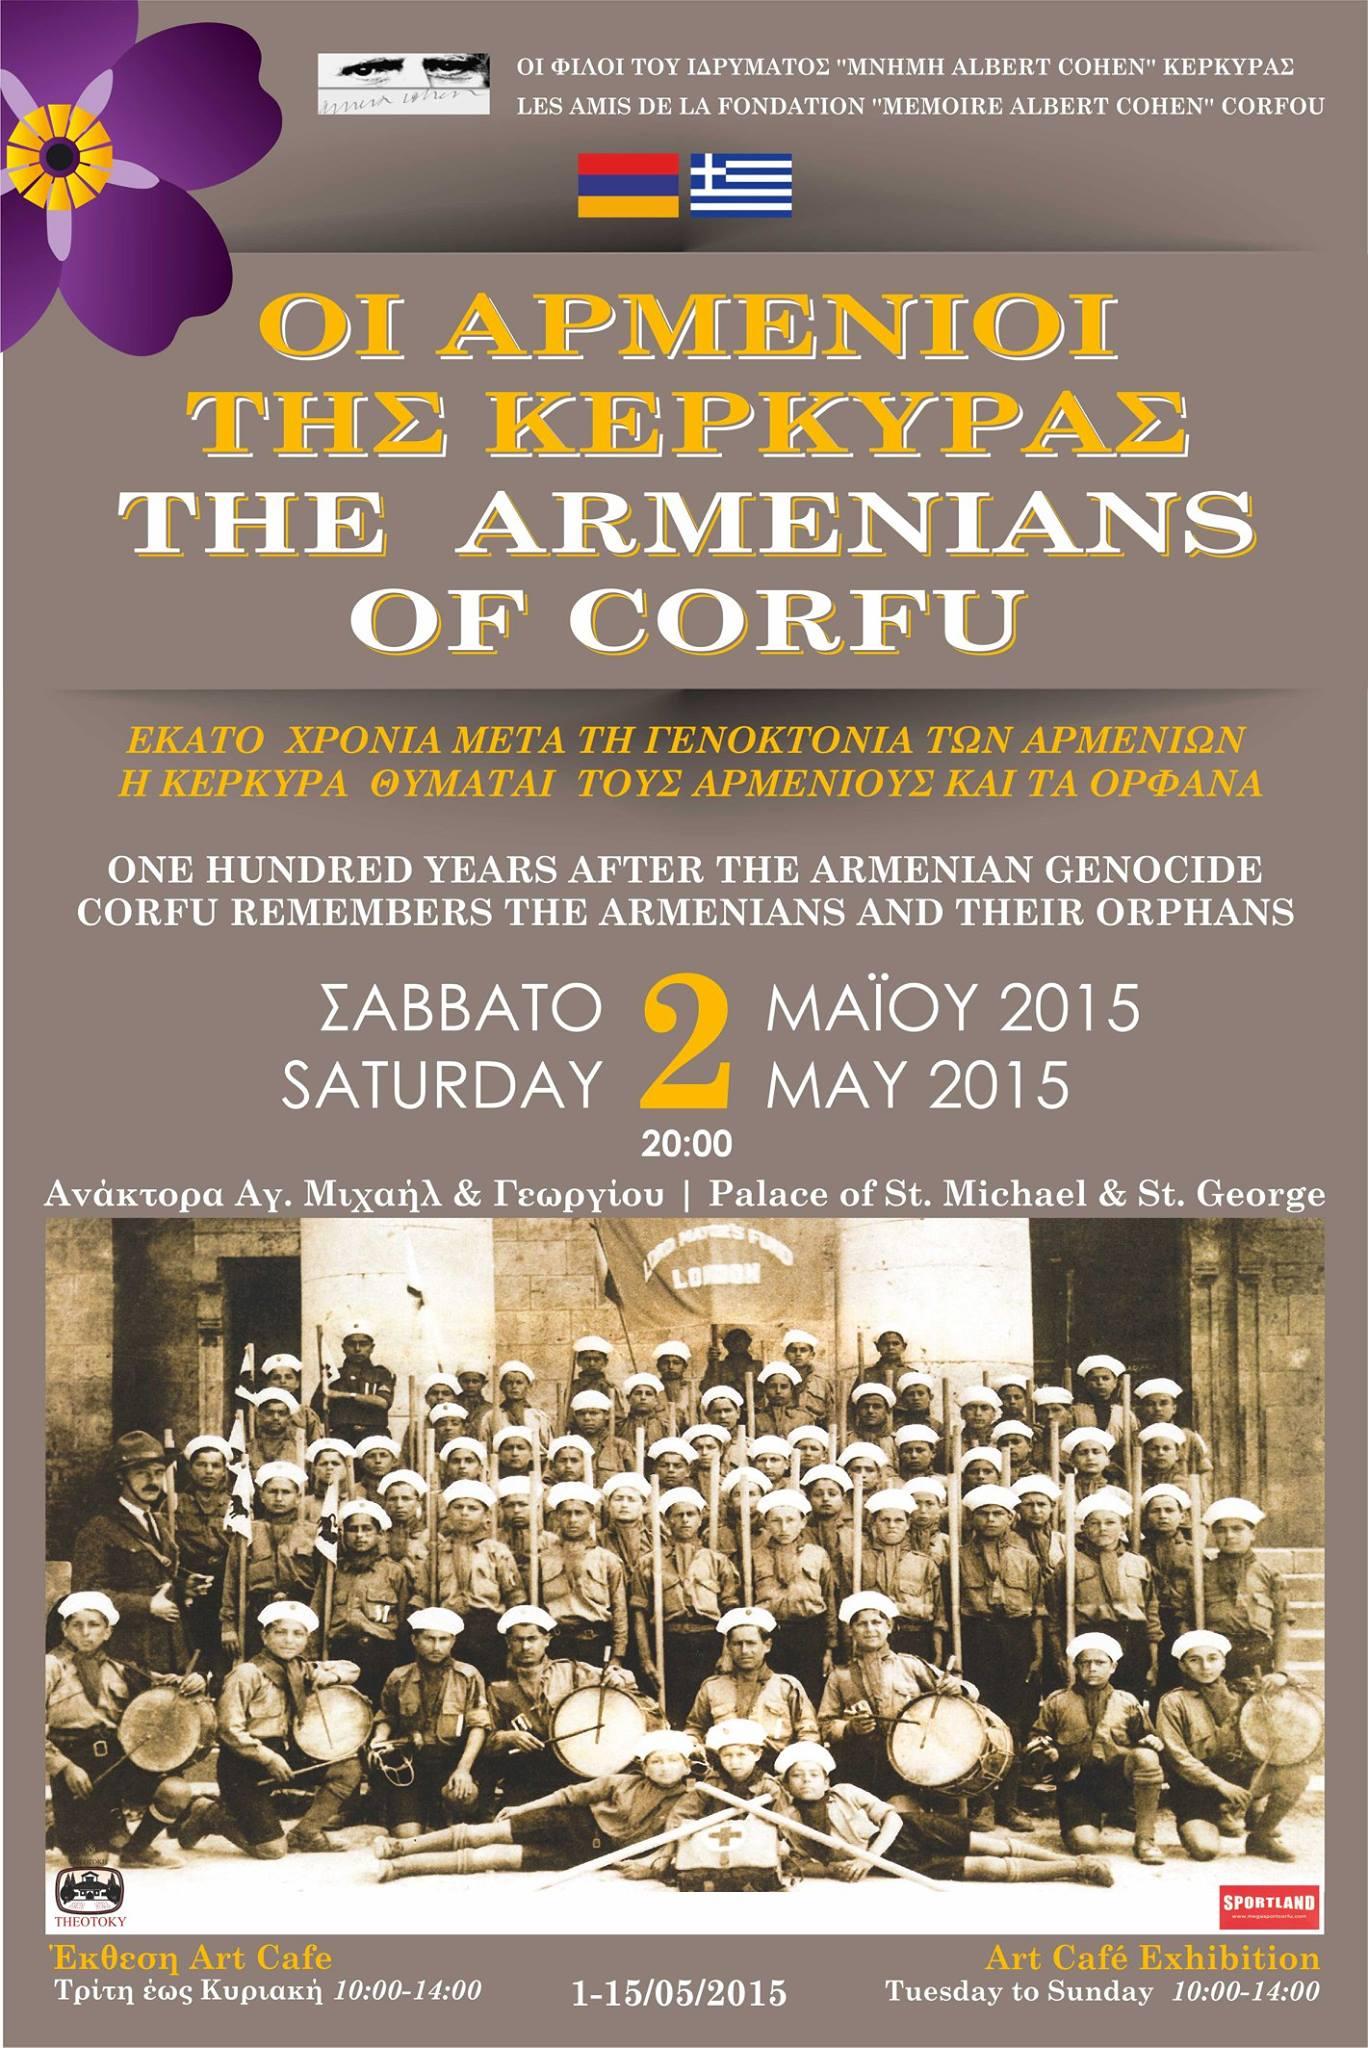 Γεωπολιτική της Αρμενίας κατά τις αρχές του 20ου αιώνα-Γενοκτονία